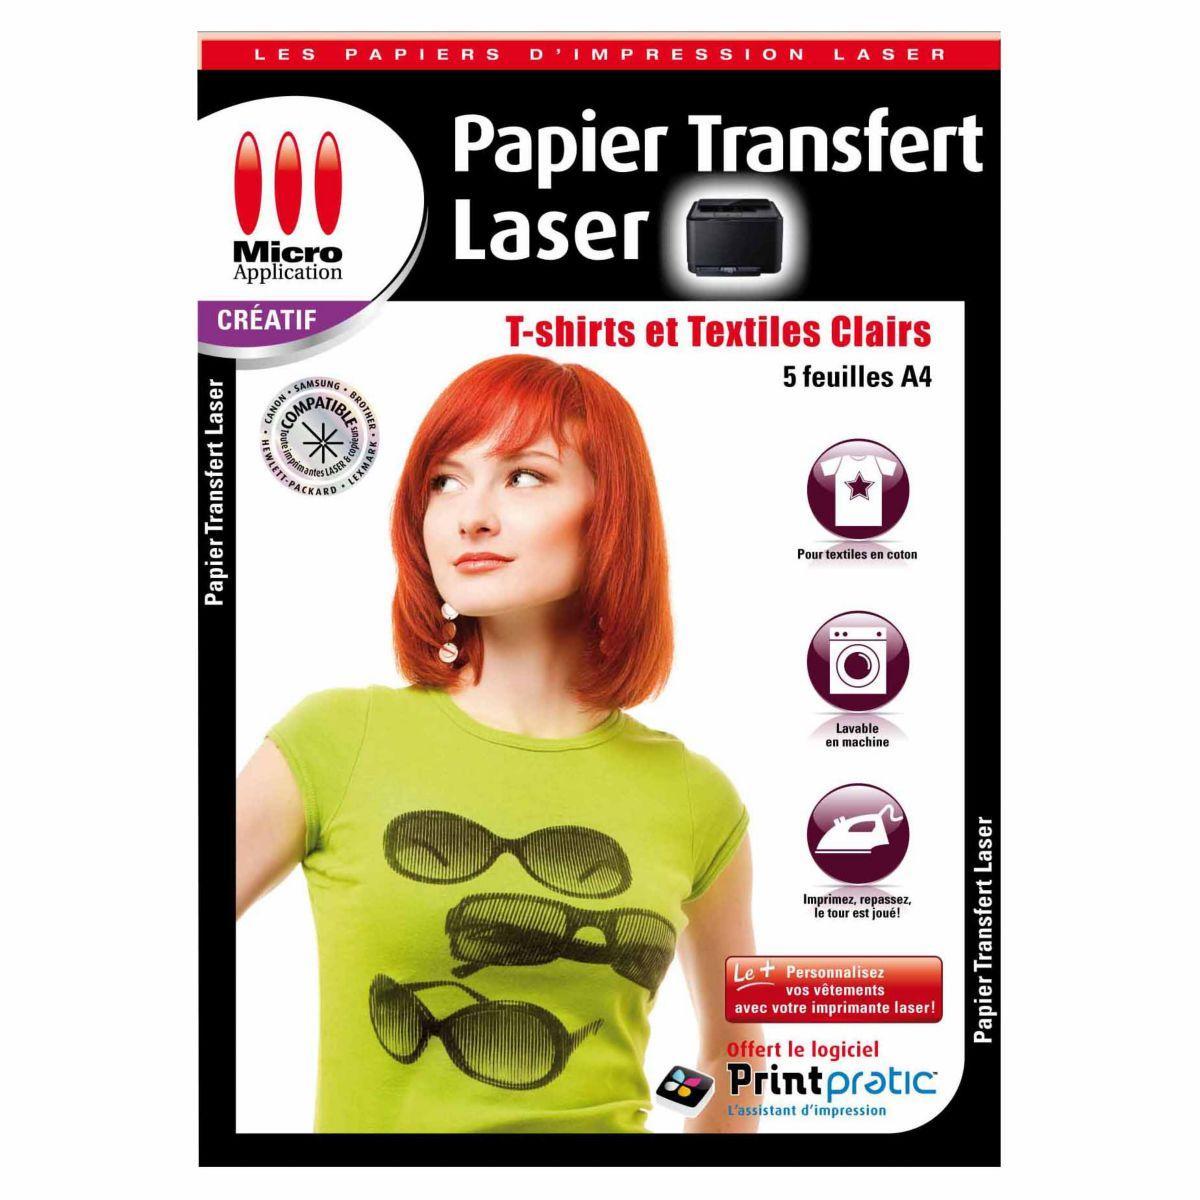 Papier créatif micro application transfert textile laser - 2% de remise immédiate avec le code : cool2 (photo)